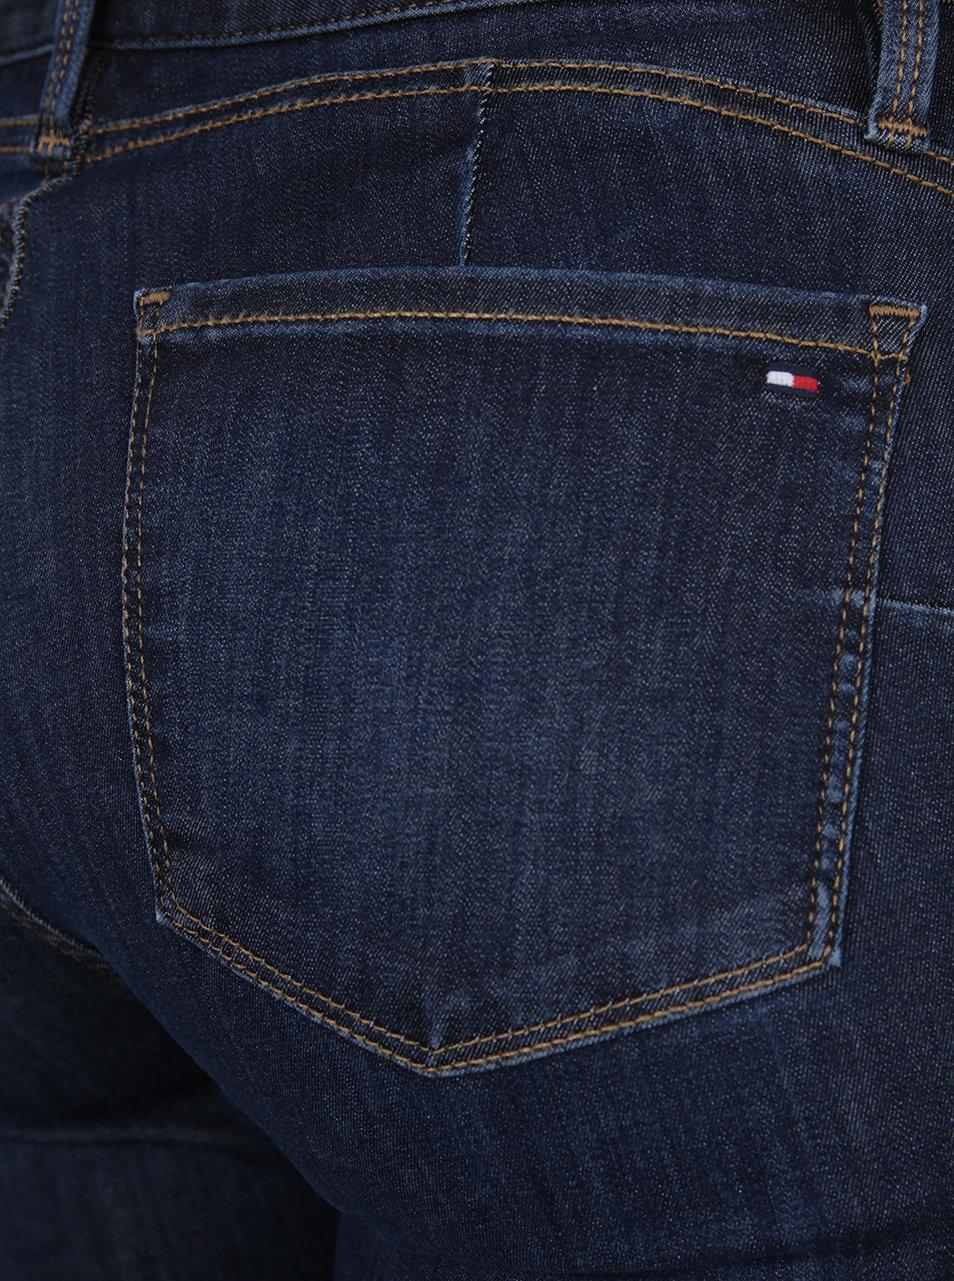 Tmavě modré dámské push-up džíny Tommy Hilfiger Como ... cf8c60e3c0